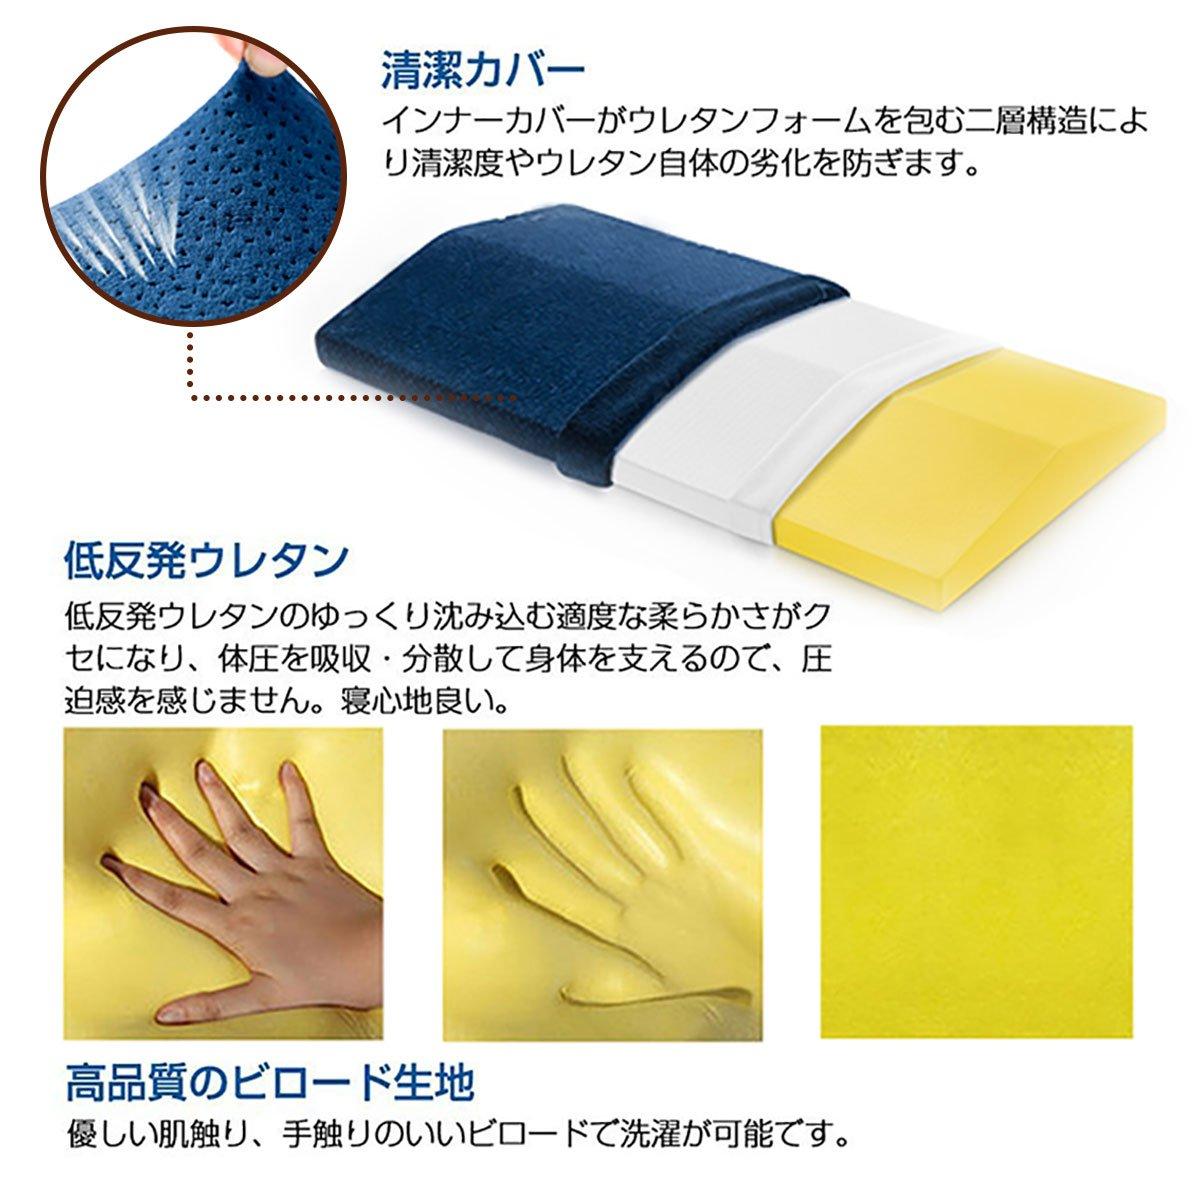 低反発ウレタンの腰枕